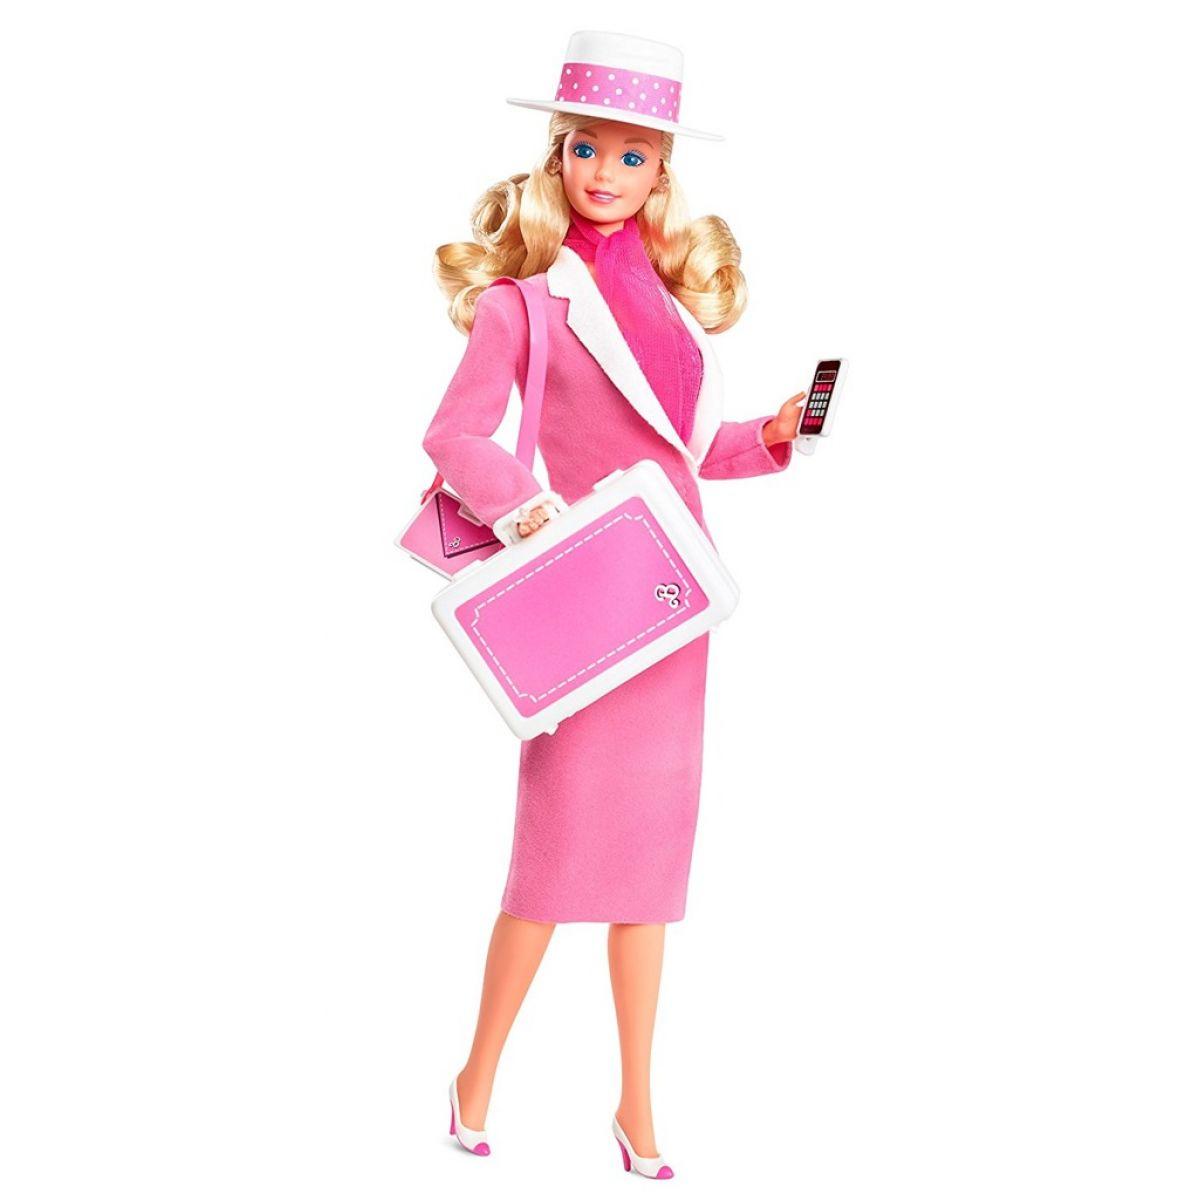 Mattel Barbie Retro panenka Day to night